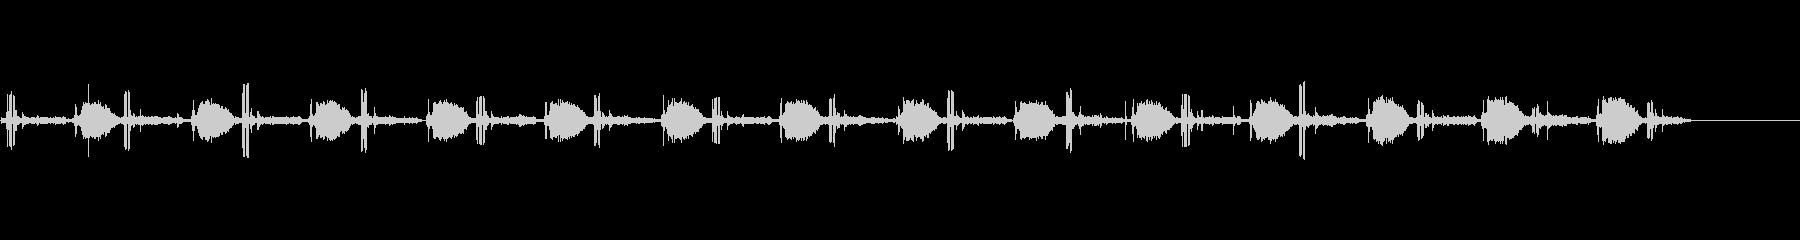 人工呼吸器;ハム、ラン、ベローズム...の未再生の波形